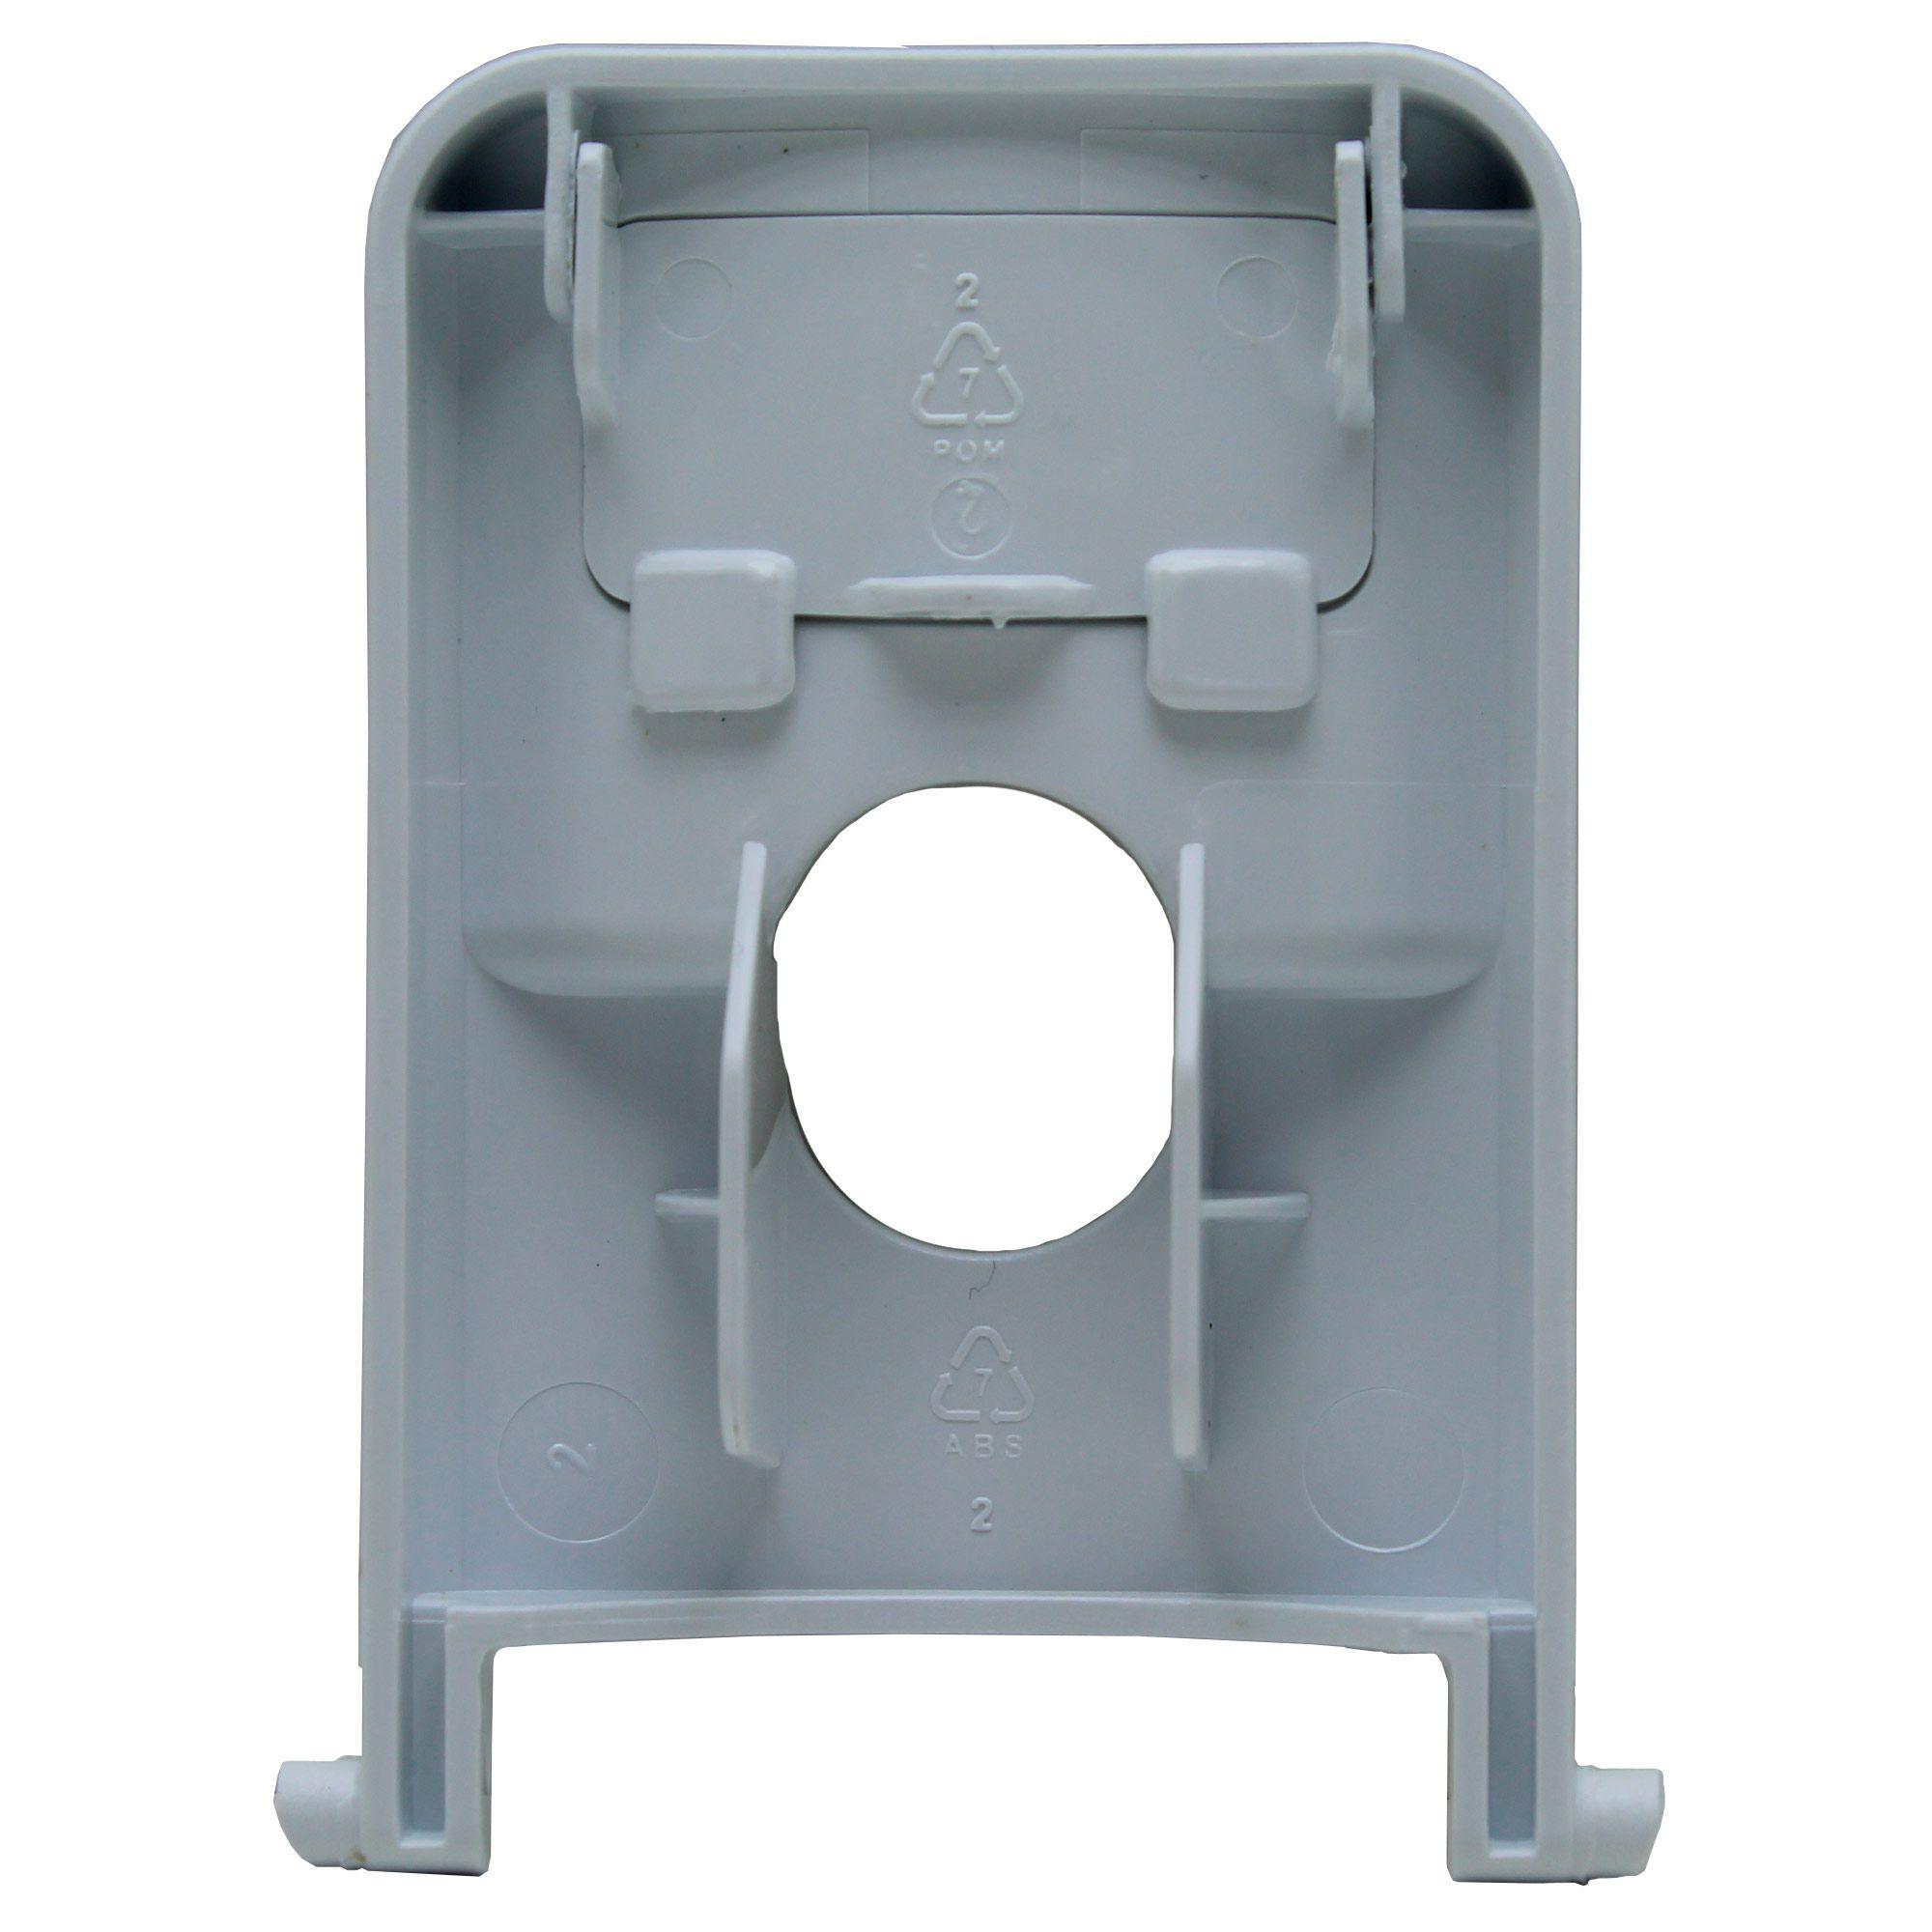 Acionador Dispenser Água Geladeira Electrolux